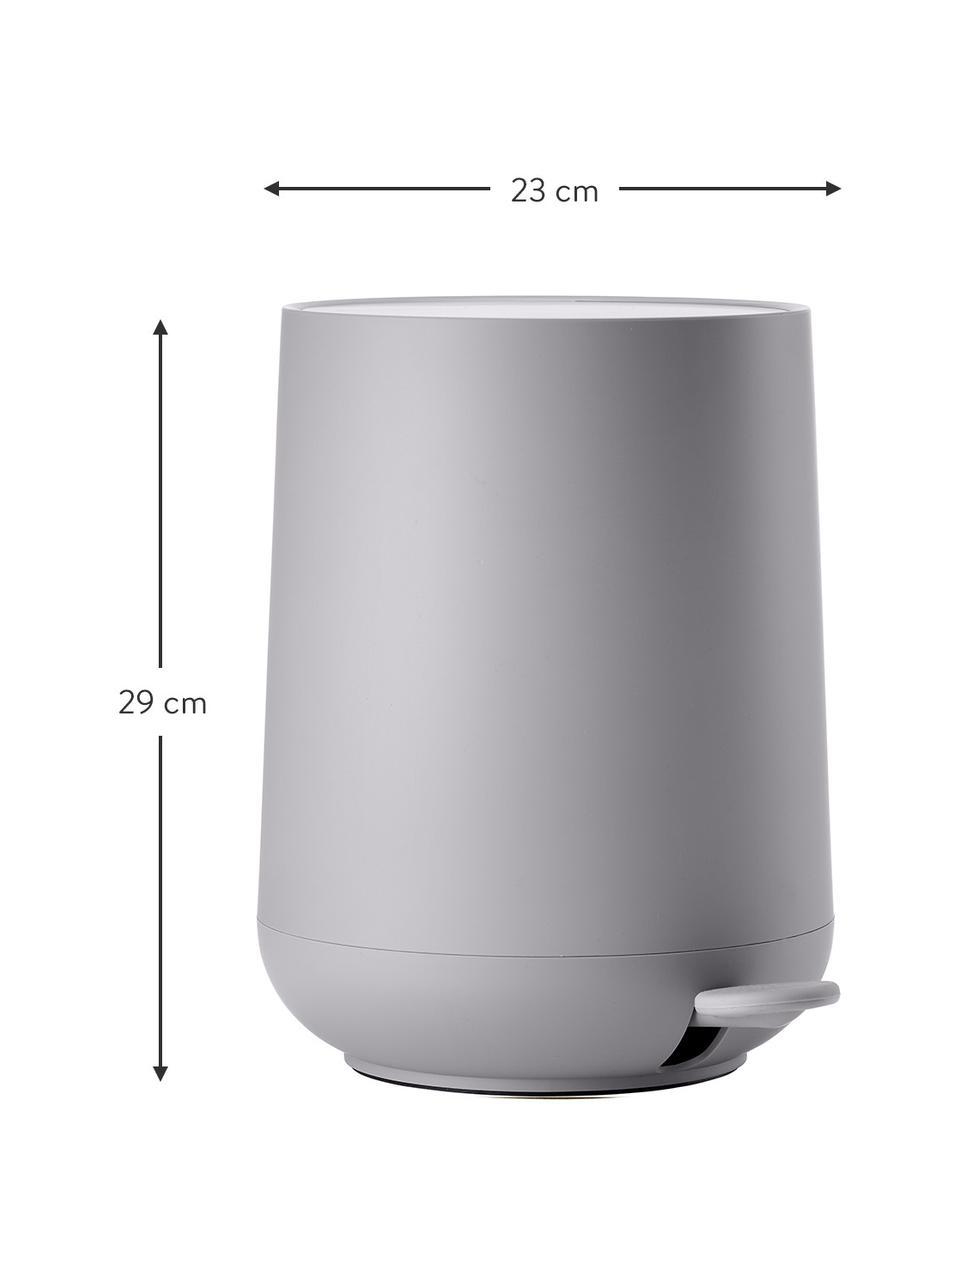 Pattumiera con coperchio softmotion Nova, Materiale sintetico ABS, Grigio chiaro, Ø 23 x Alt. 29 cm